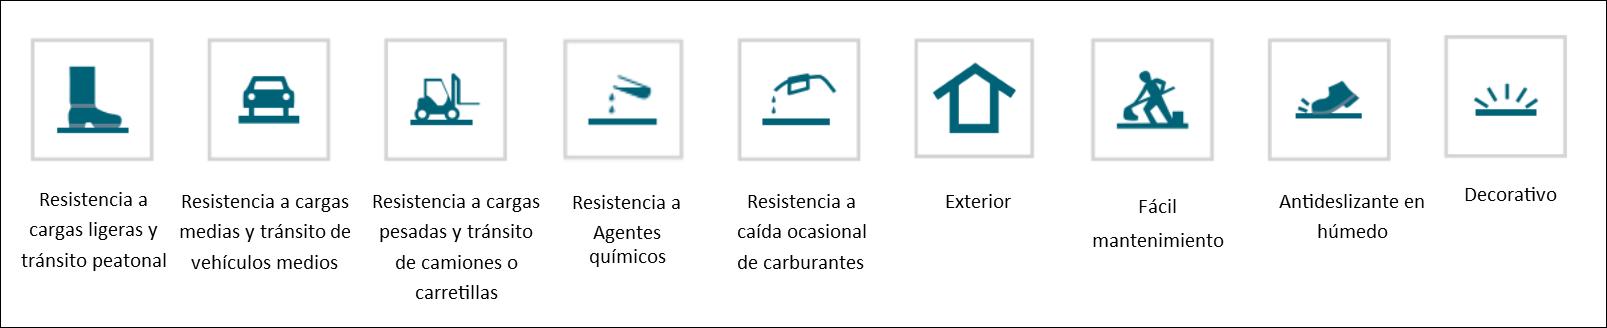 pavimentos sector mecánica y electrónica - COMPOSAN